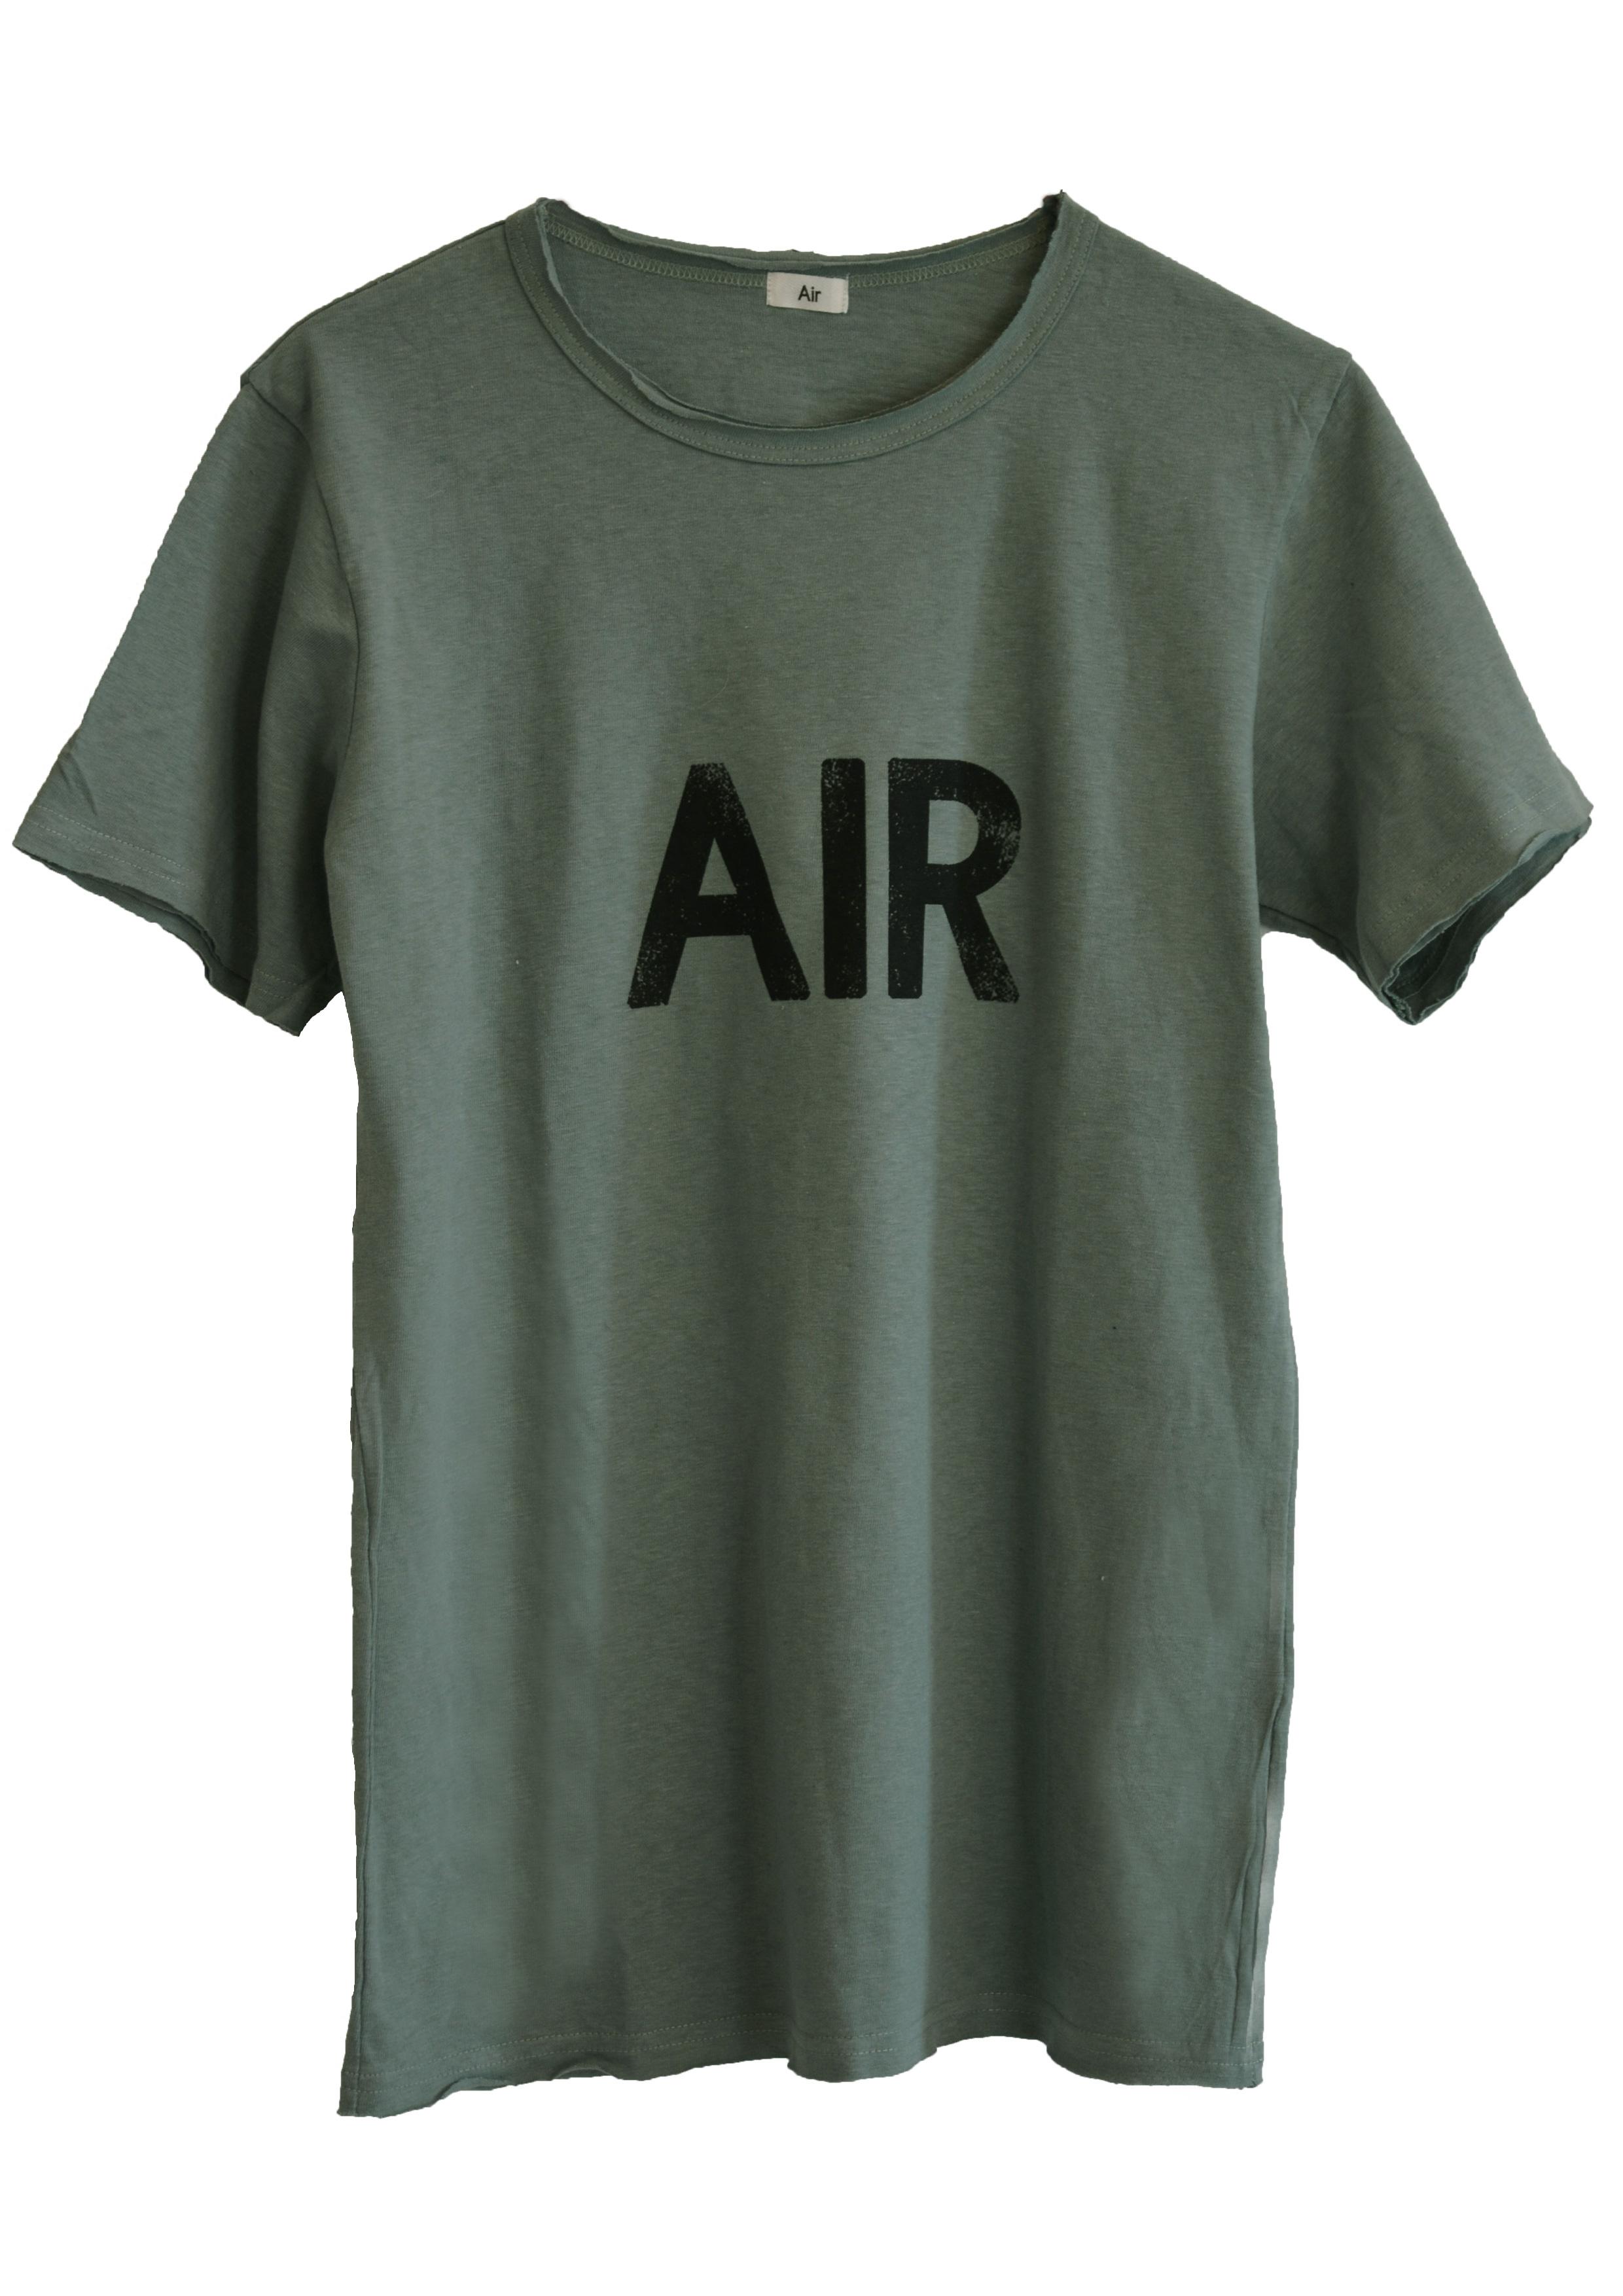 【AIR】AIR T-SHIRT (GREEN)